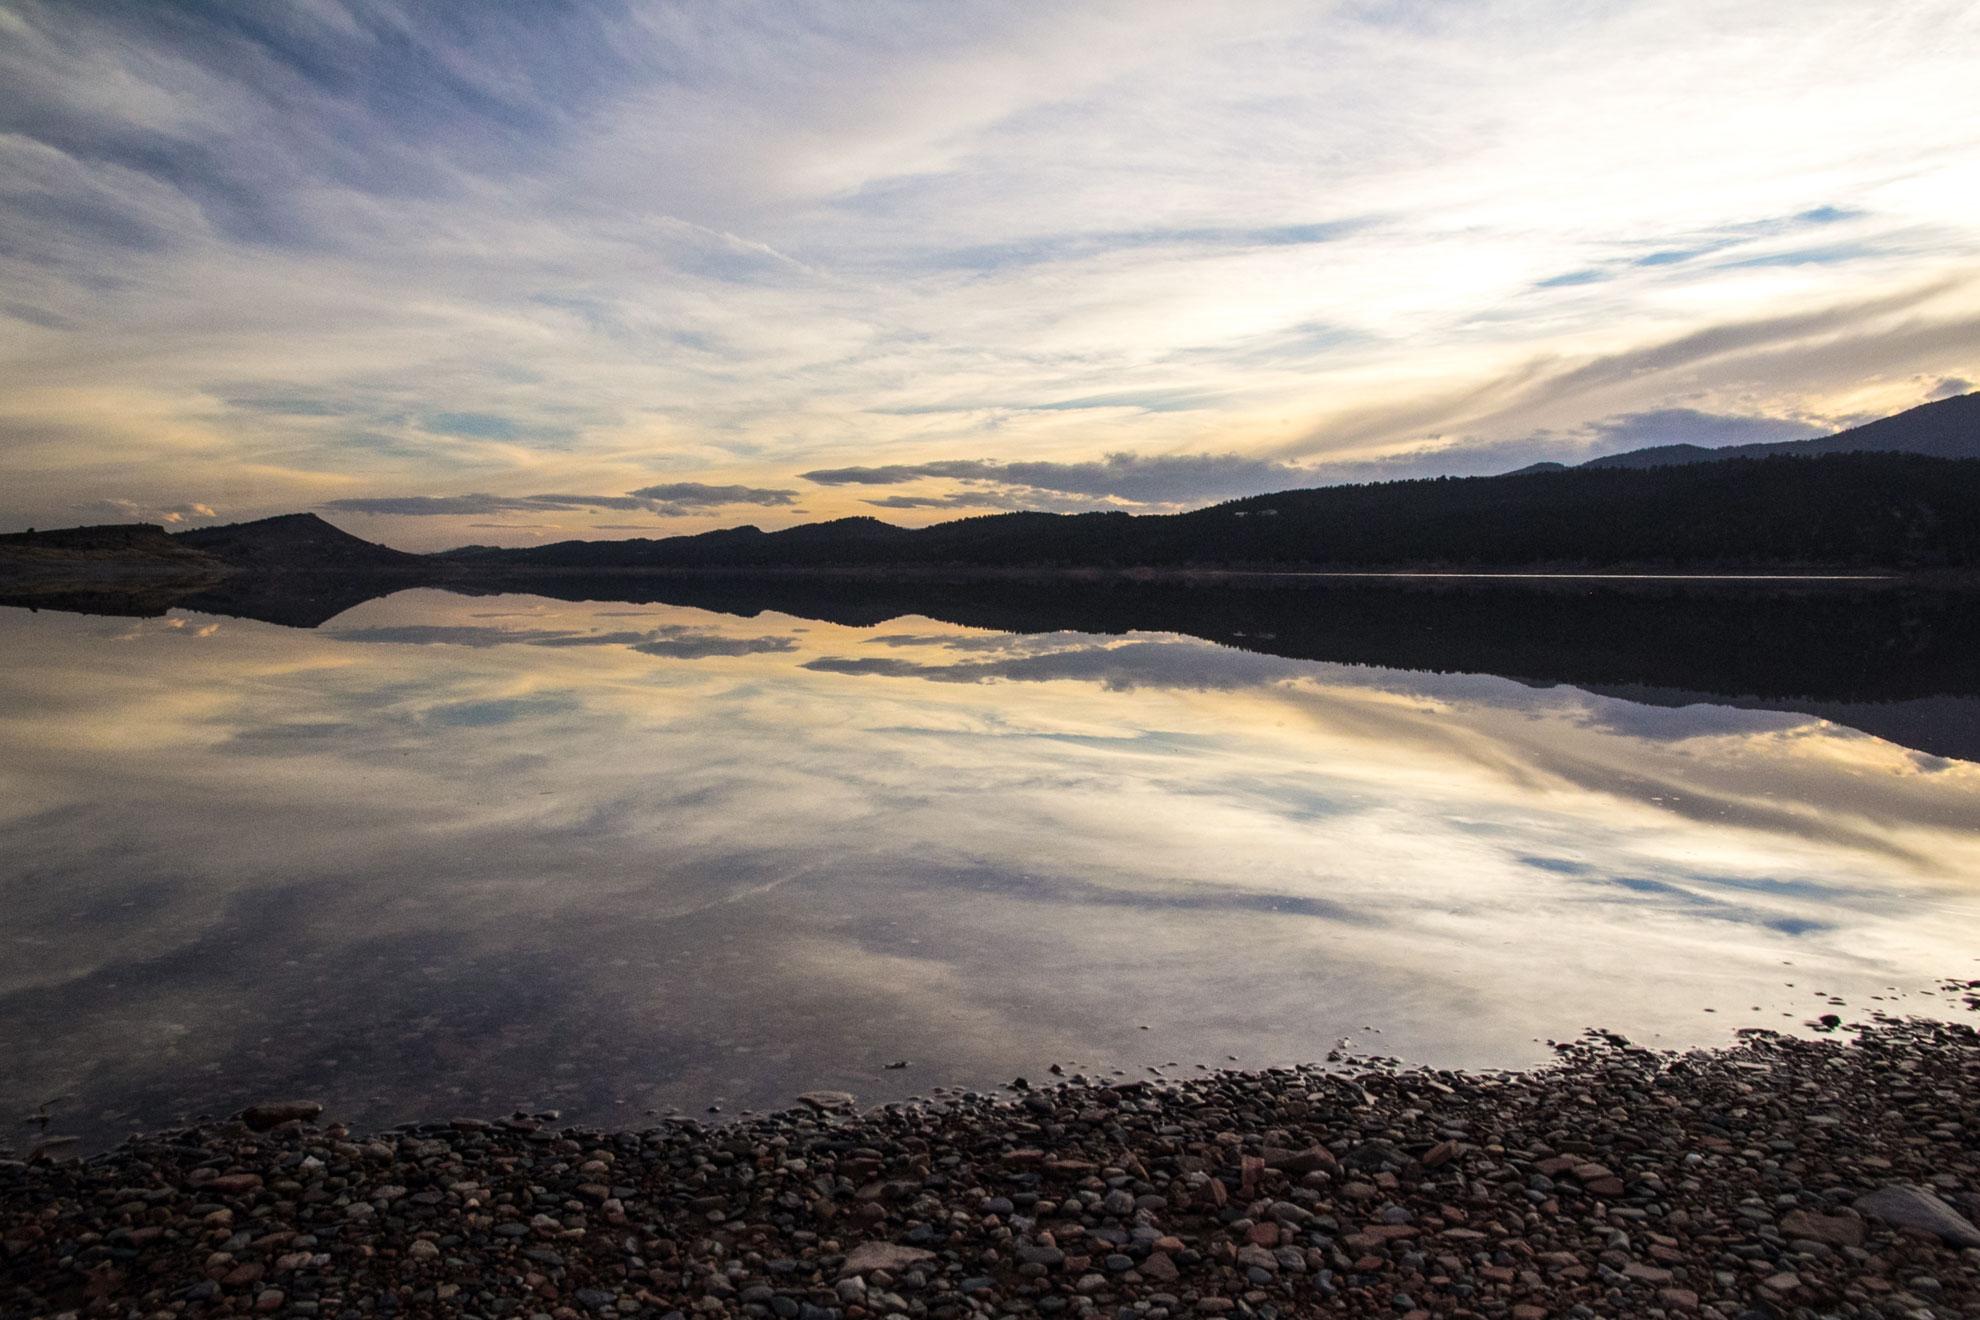 Image 4: Carter Lake